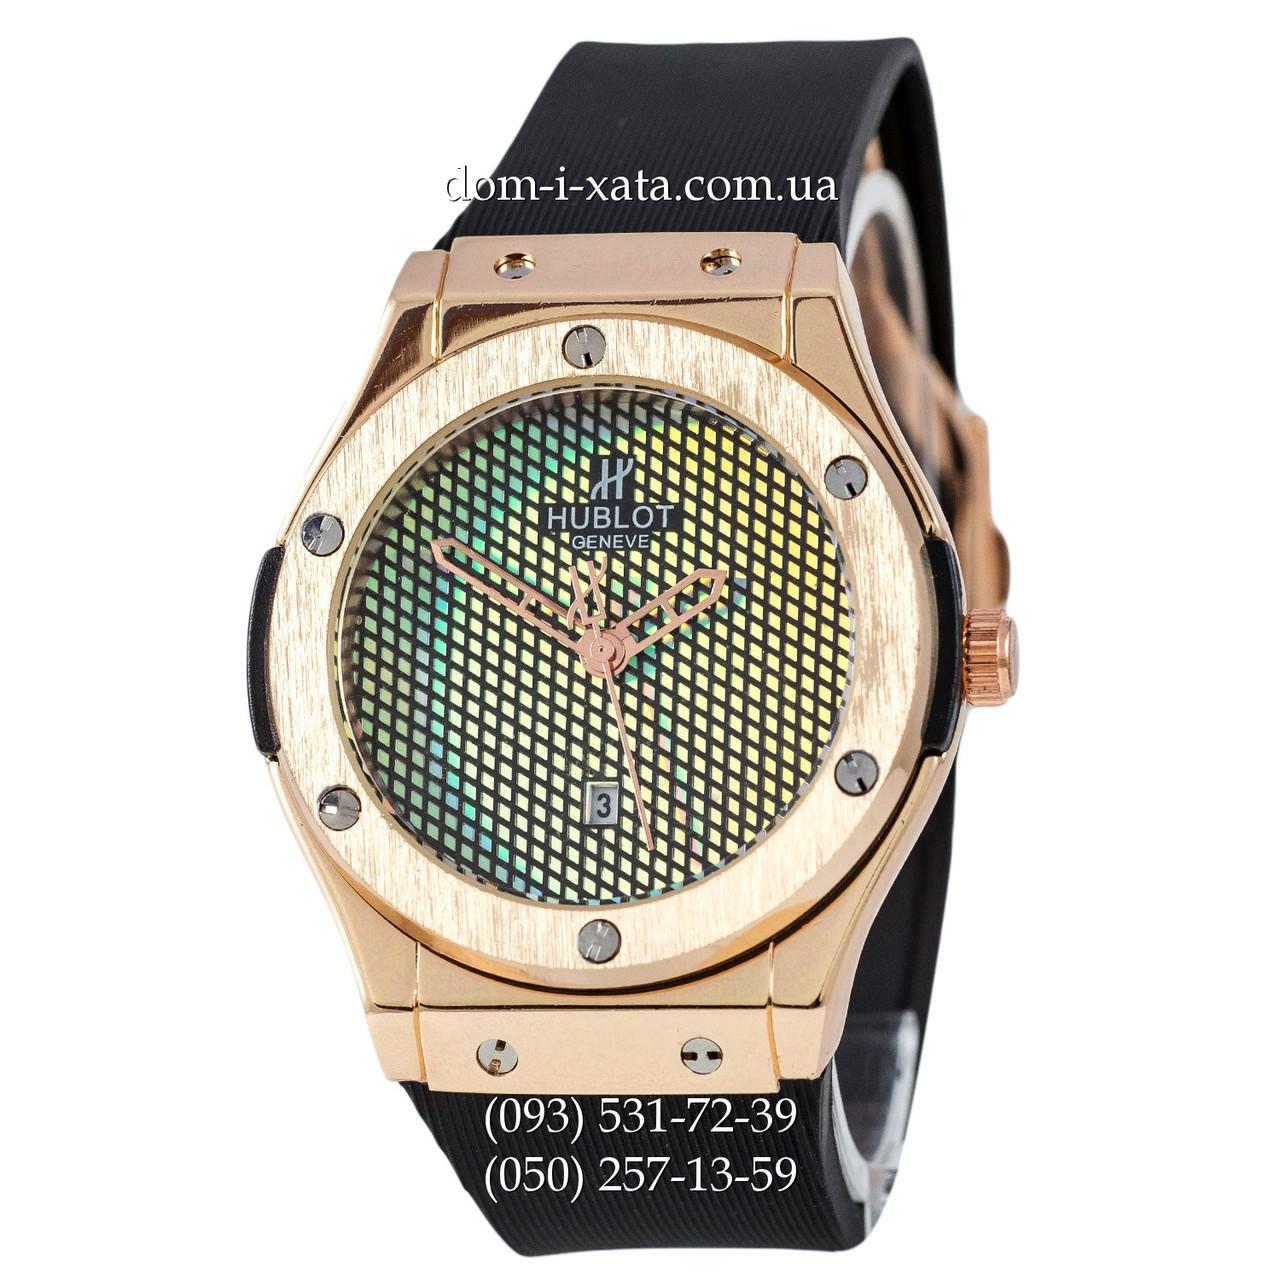 Мужские наручные часы Hublot 882888 Classic Fusion Black-Gold, Хублот классик, реплика отличное качество!